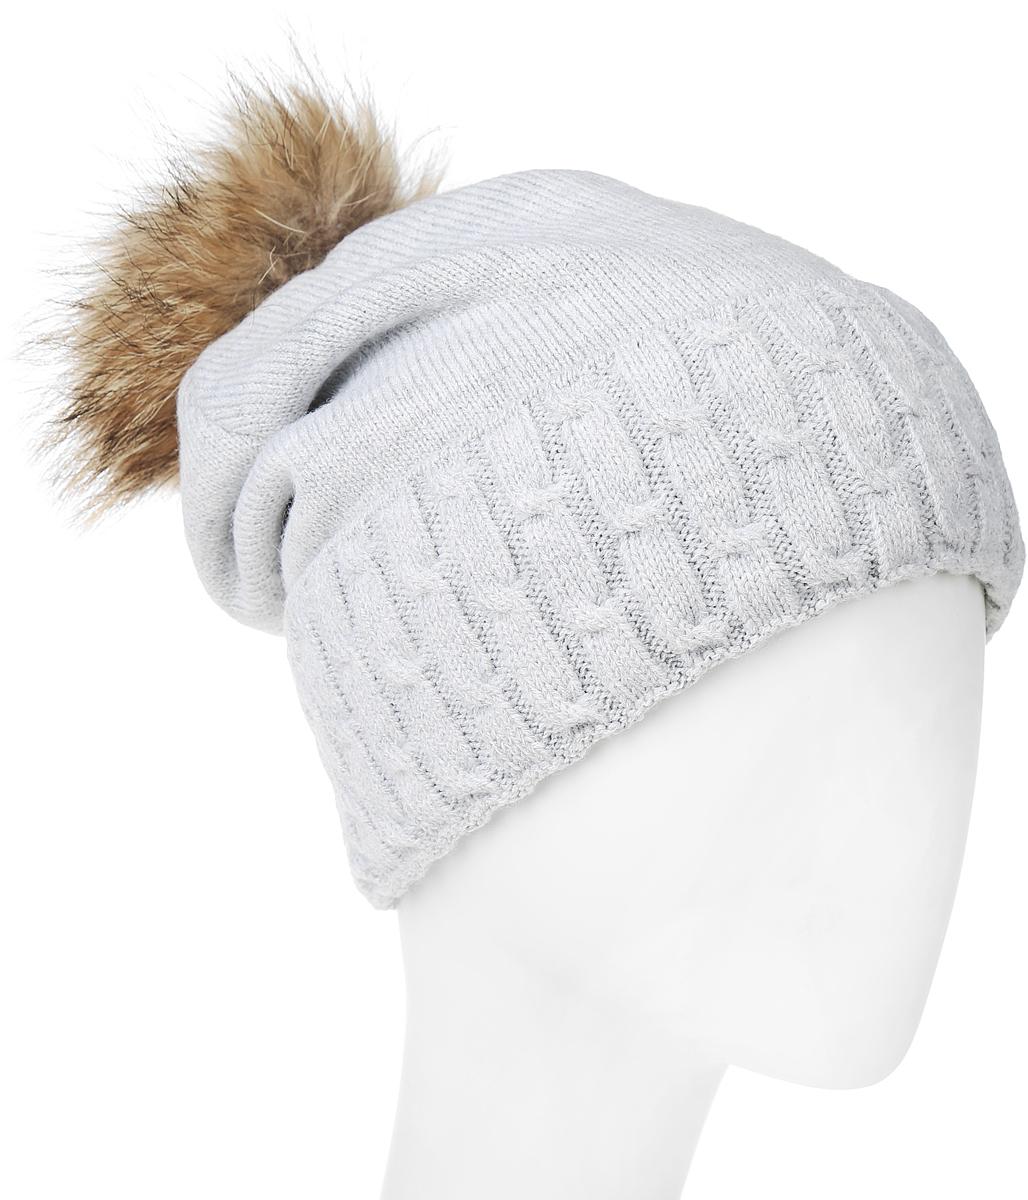 Шапка женская Marhatter, цвет: светло-серый. MLH6204. Размер 56/58MLH6204Теплая женская шапка Marhatter отлично дополнит ваш образ в холодную погоду. Сочетание шерсти и акрила максимально сохраняет тепло и обеспечивает удобную посадку, невероятную легкость и мягкость. Шапка с большим вязанным отворотом выполнена в лаконичном однотонном стиле. Макушка шапки дополнена пушистым помпоном из натурального меха енота. Модель составит идеальный комплект с модной верхней одеждой, в ней вам будет уютно и тепло.Уважаемые клиенты!Размер, доступный для заказа, является обхватом головы.